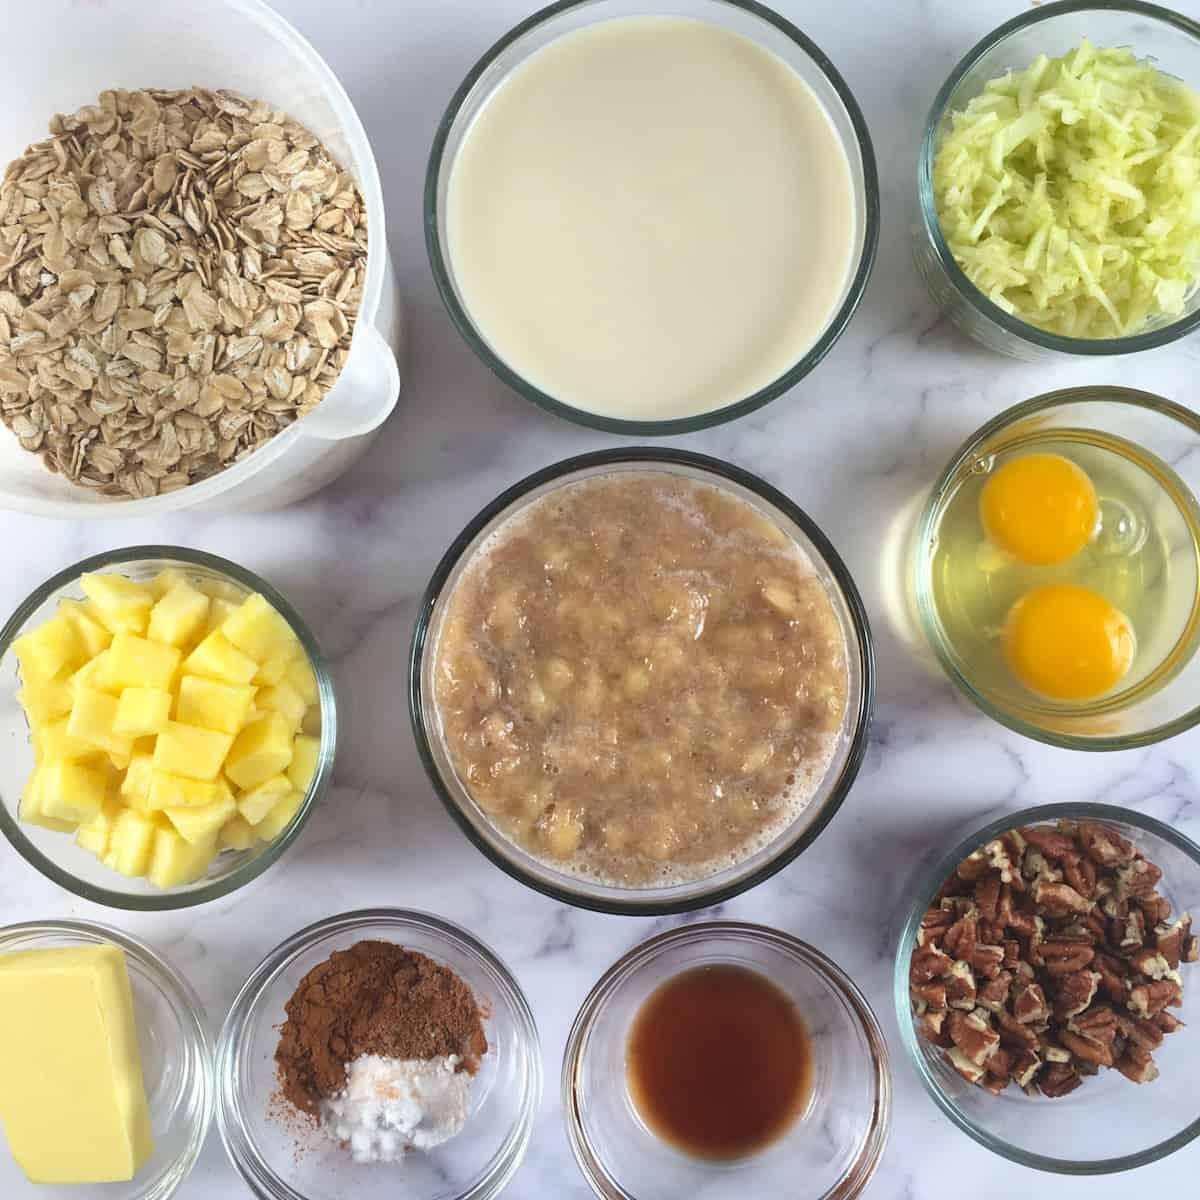 air fryer oatmeal ingredients